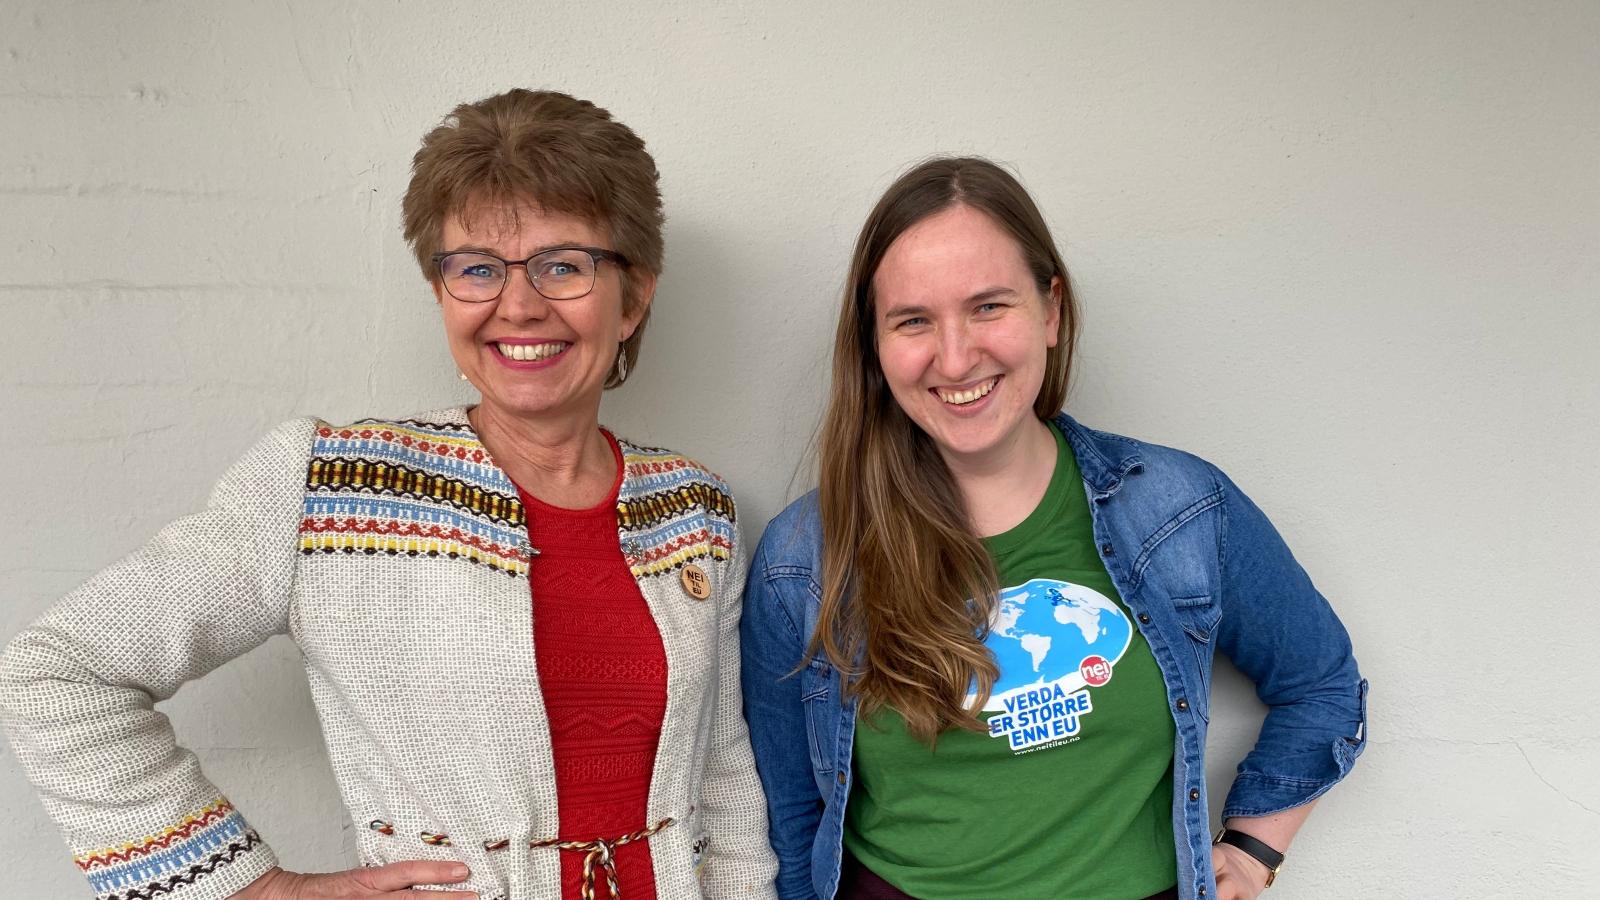 Kathrine Kleveland, leder i Nei til EU i sin mormors hjemmevevde jakke og Reidun B Heggen, med T-skjorta Verden er større enn EU.